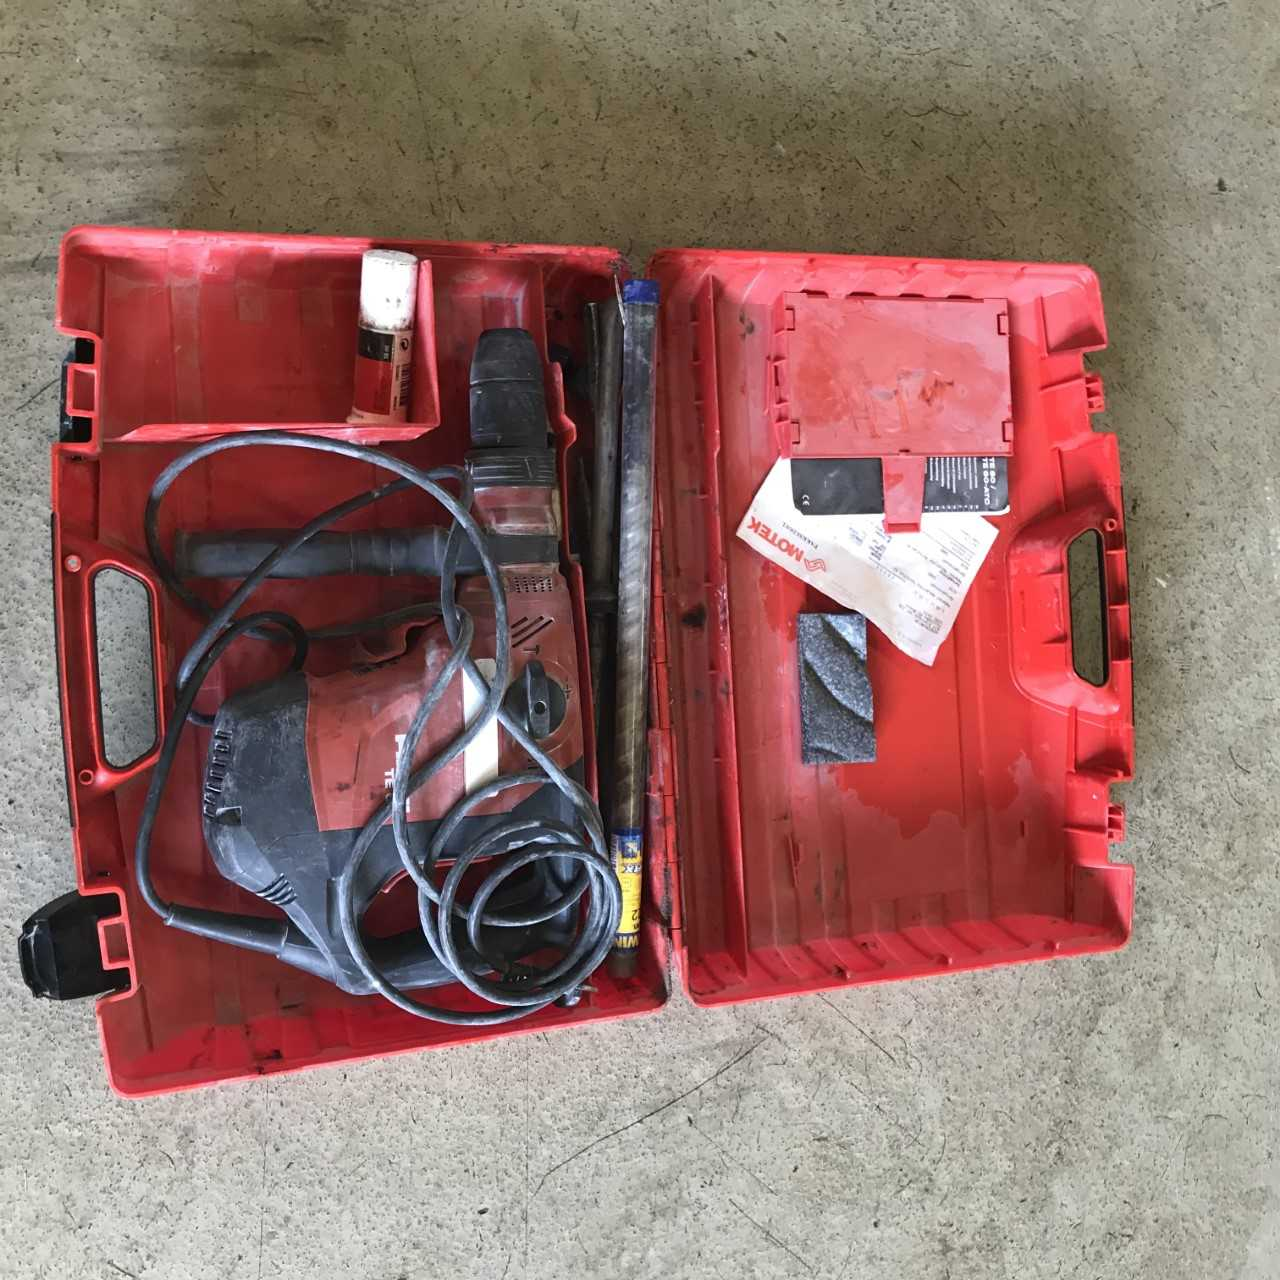 Bilete av Hilti boremaskin